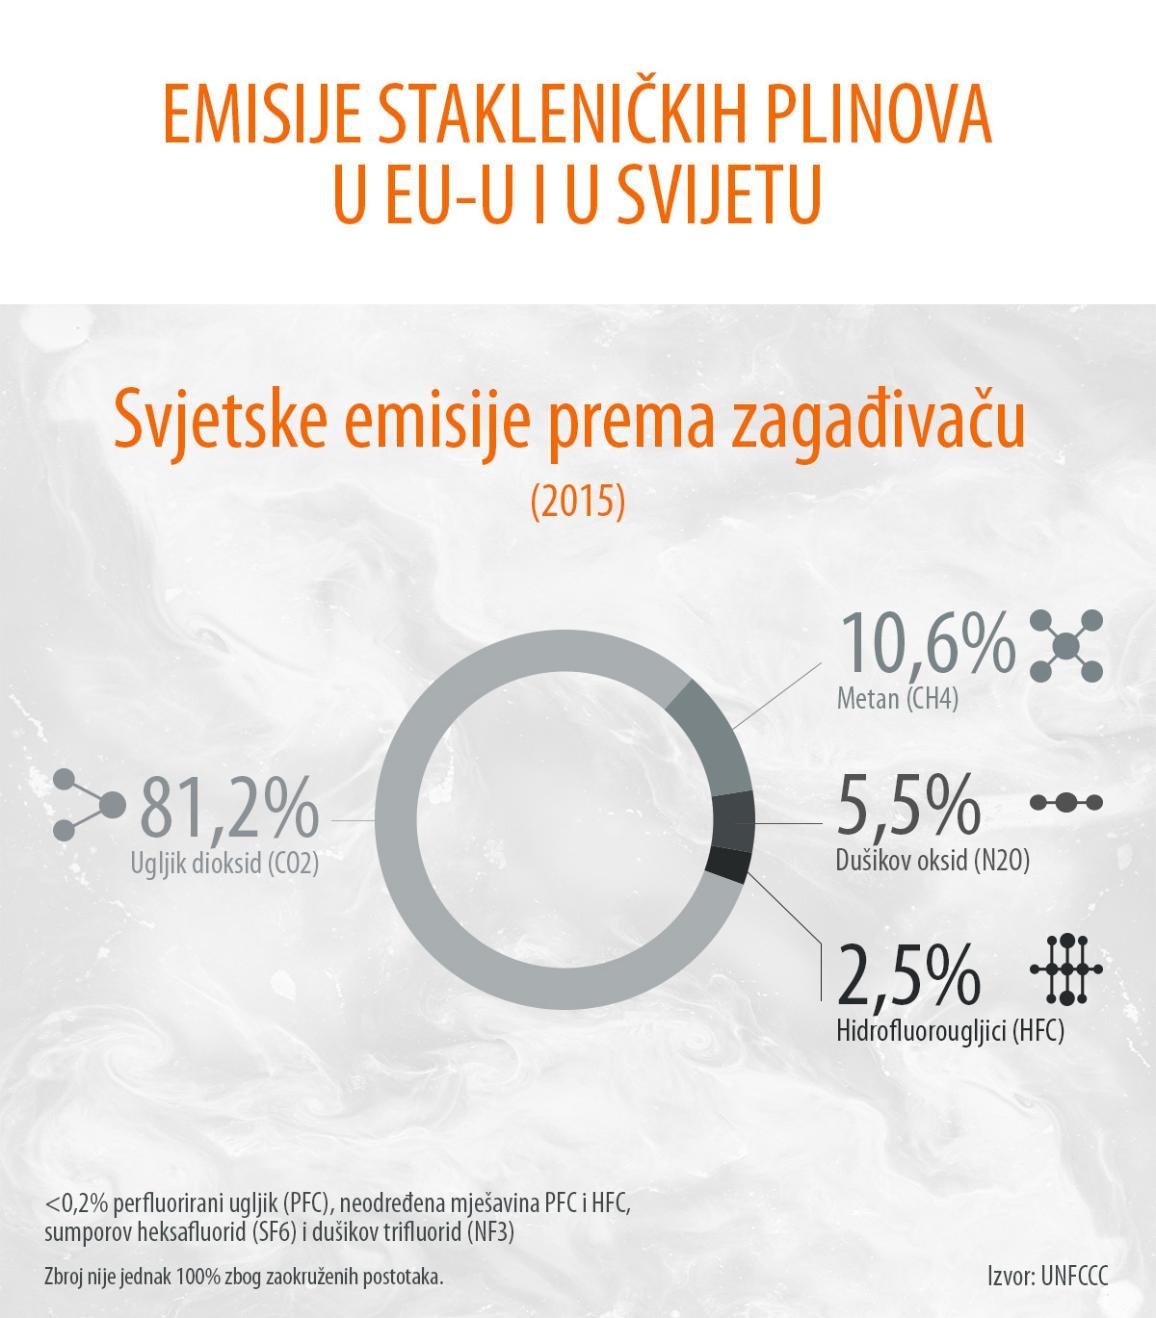 <Infografika o emisijama stakleničkih plinova